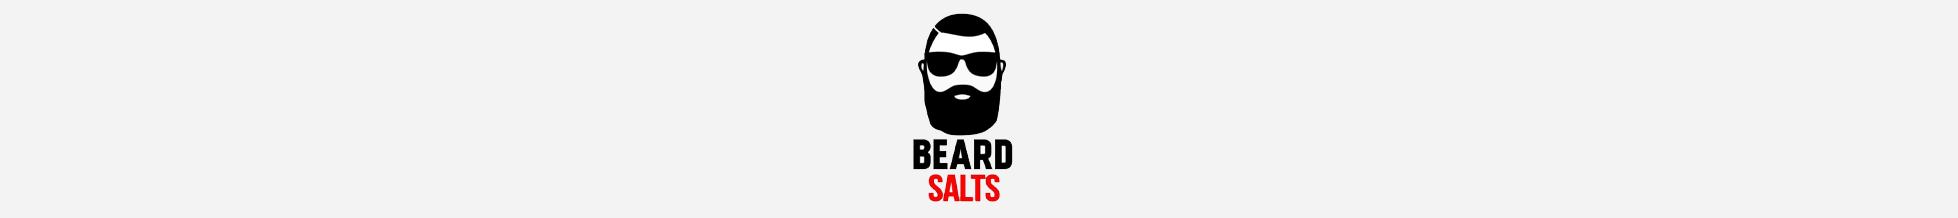 beard-salts.jpg